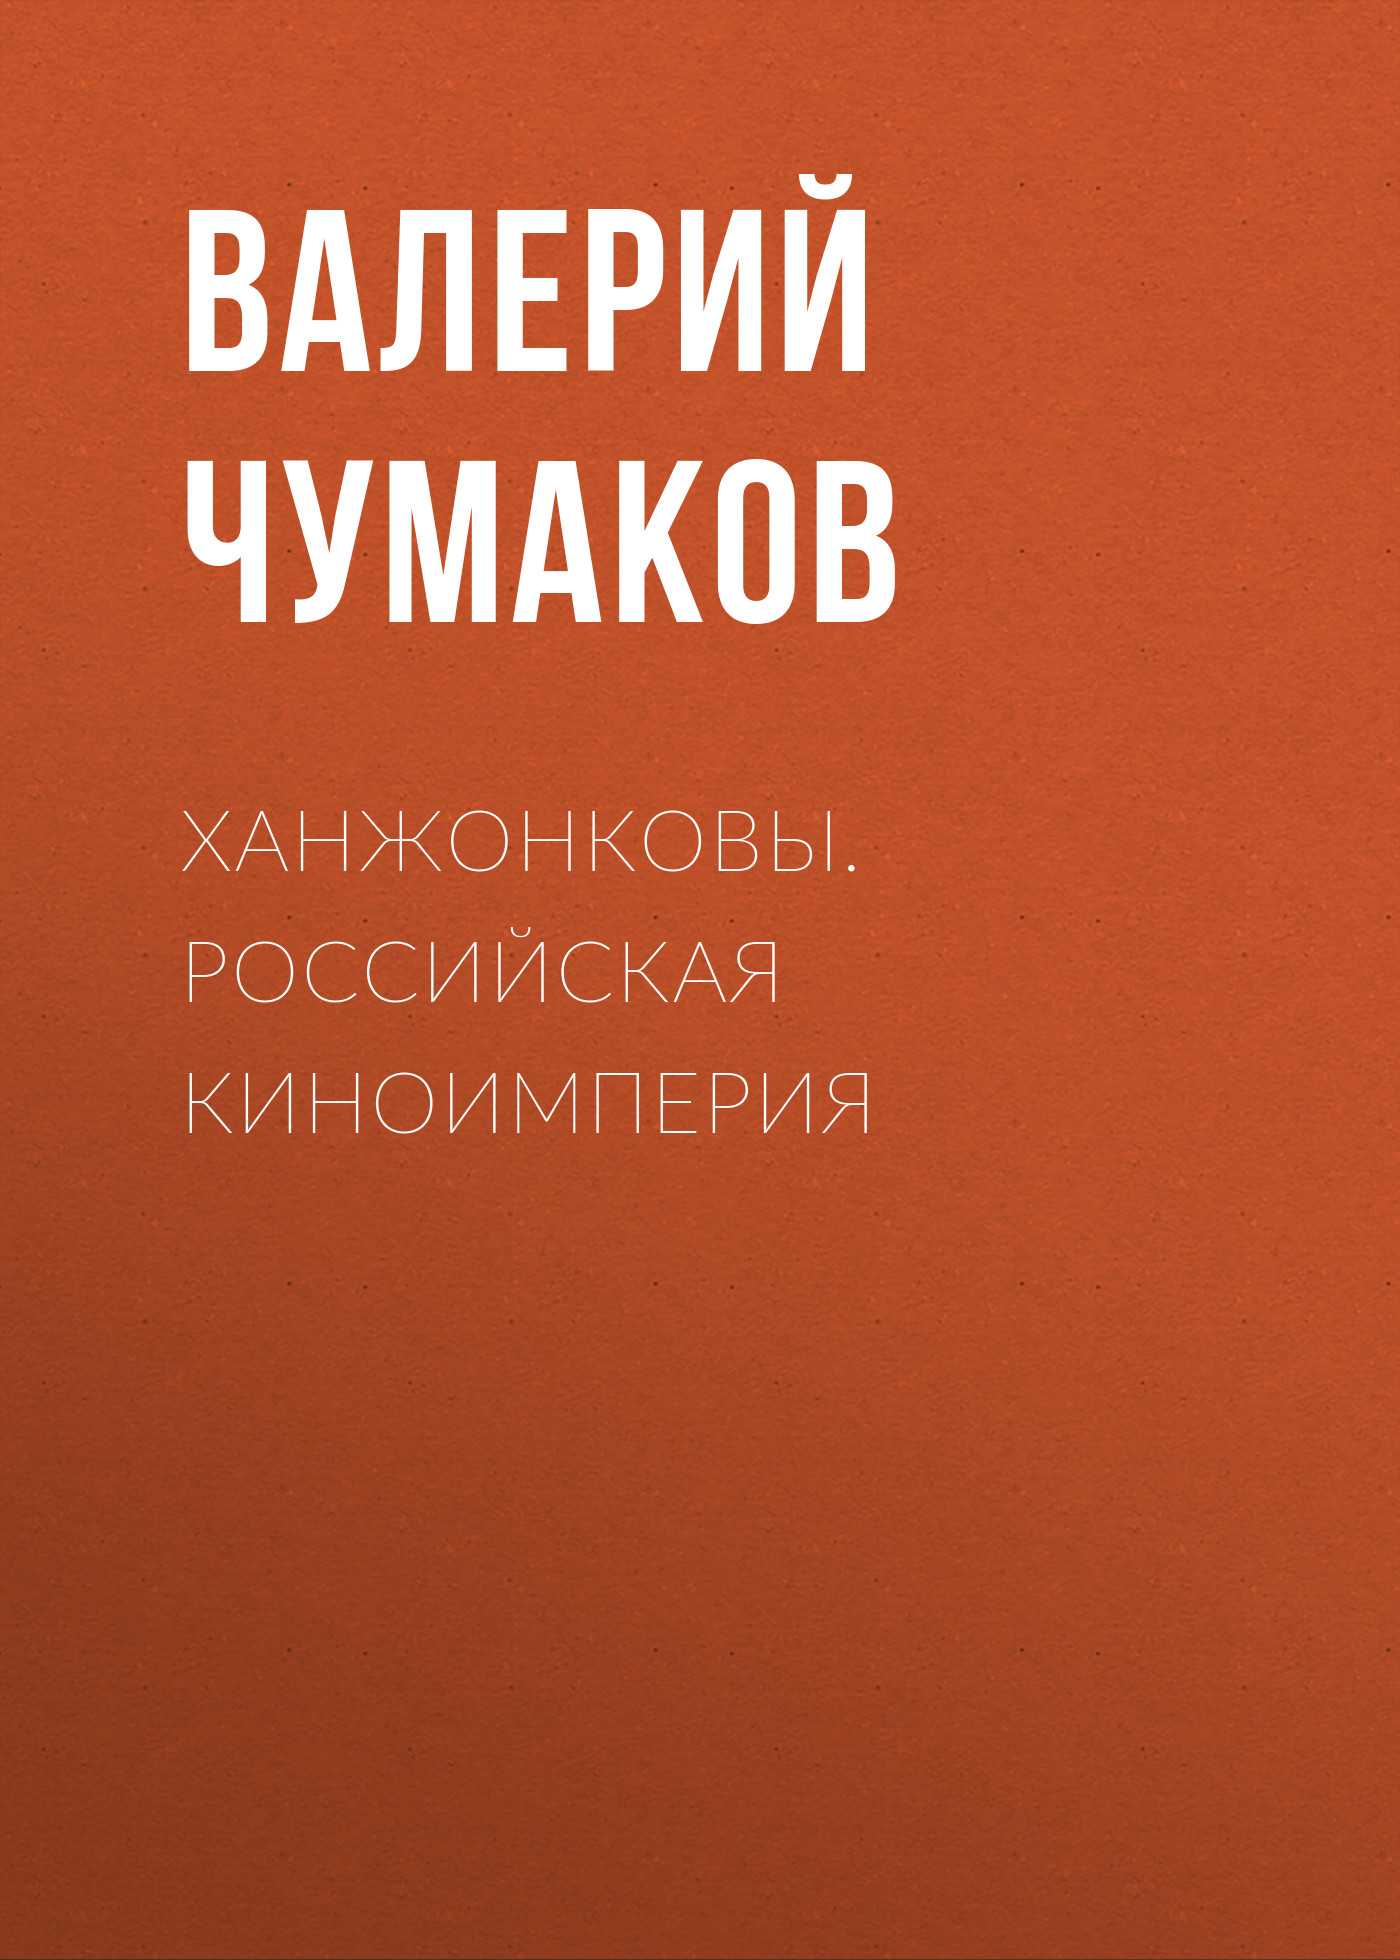 Ханжонковы. Российская киноимперия